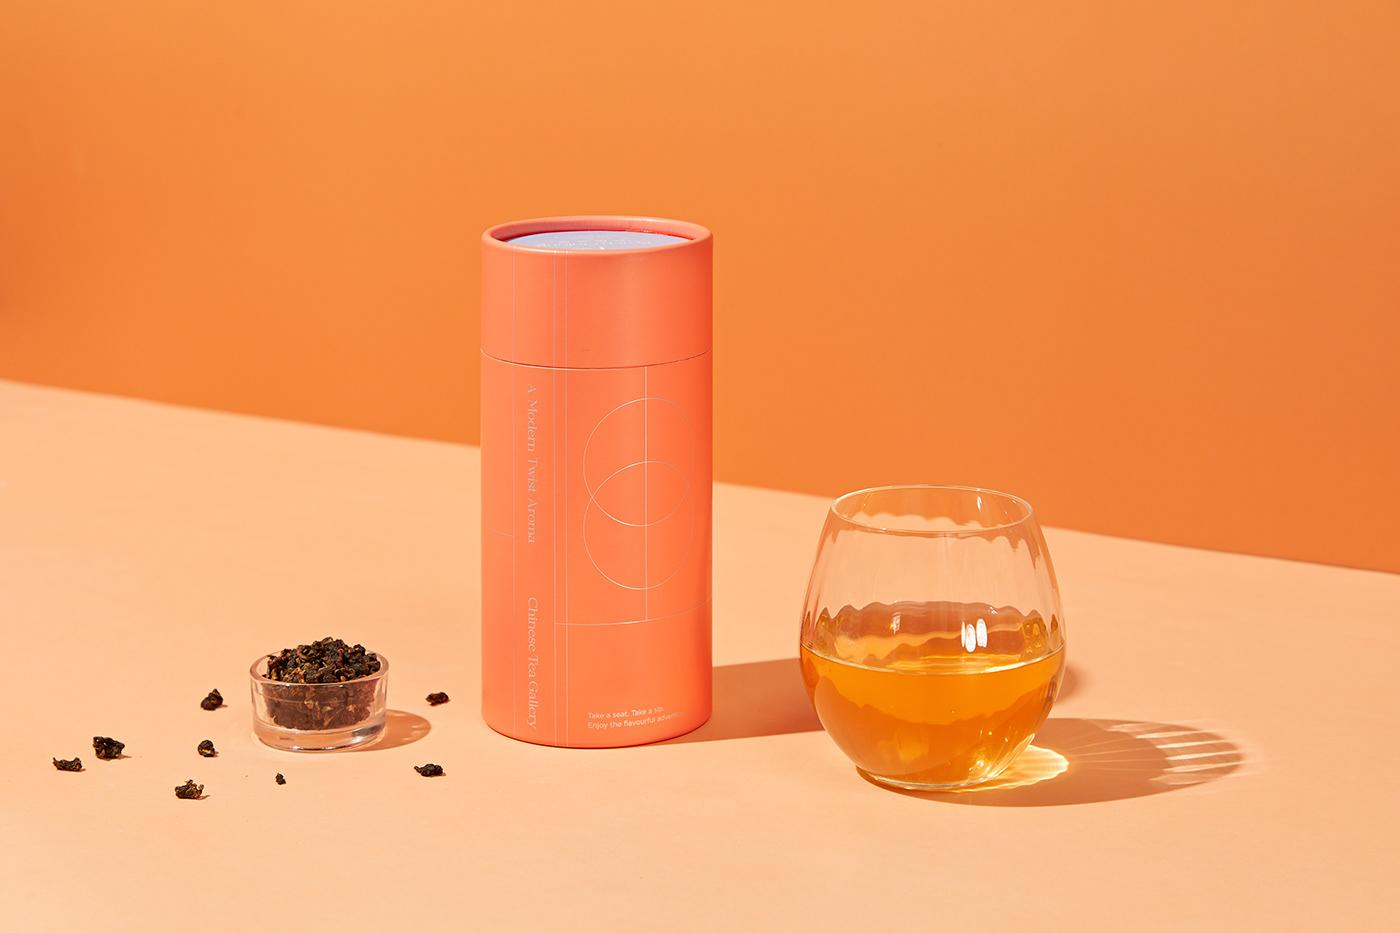 design graphic package Packaging print tea 包裝設計 茶葉